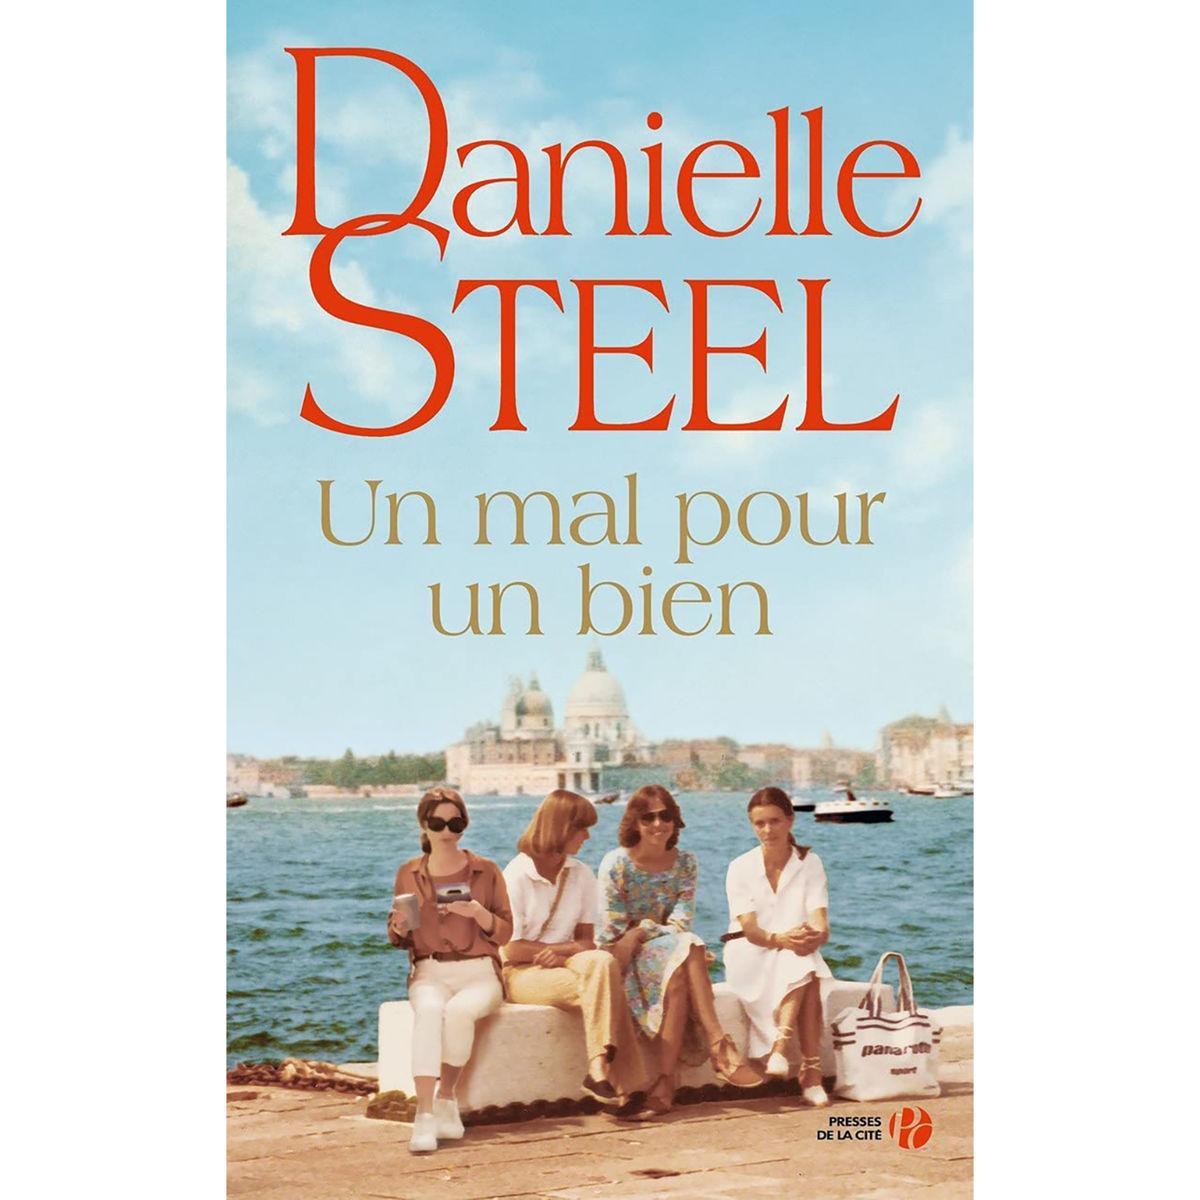 Danielle Steel - Un mal pour un bien (FR)